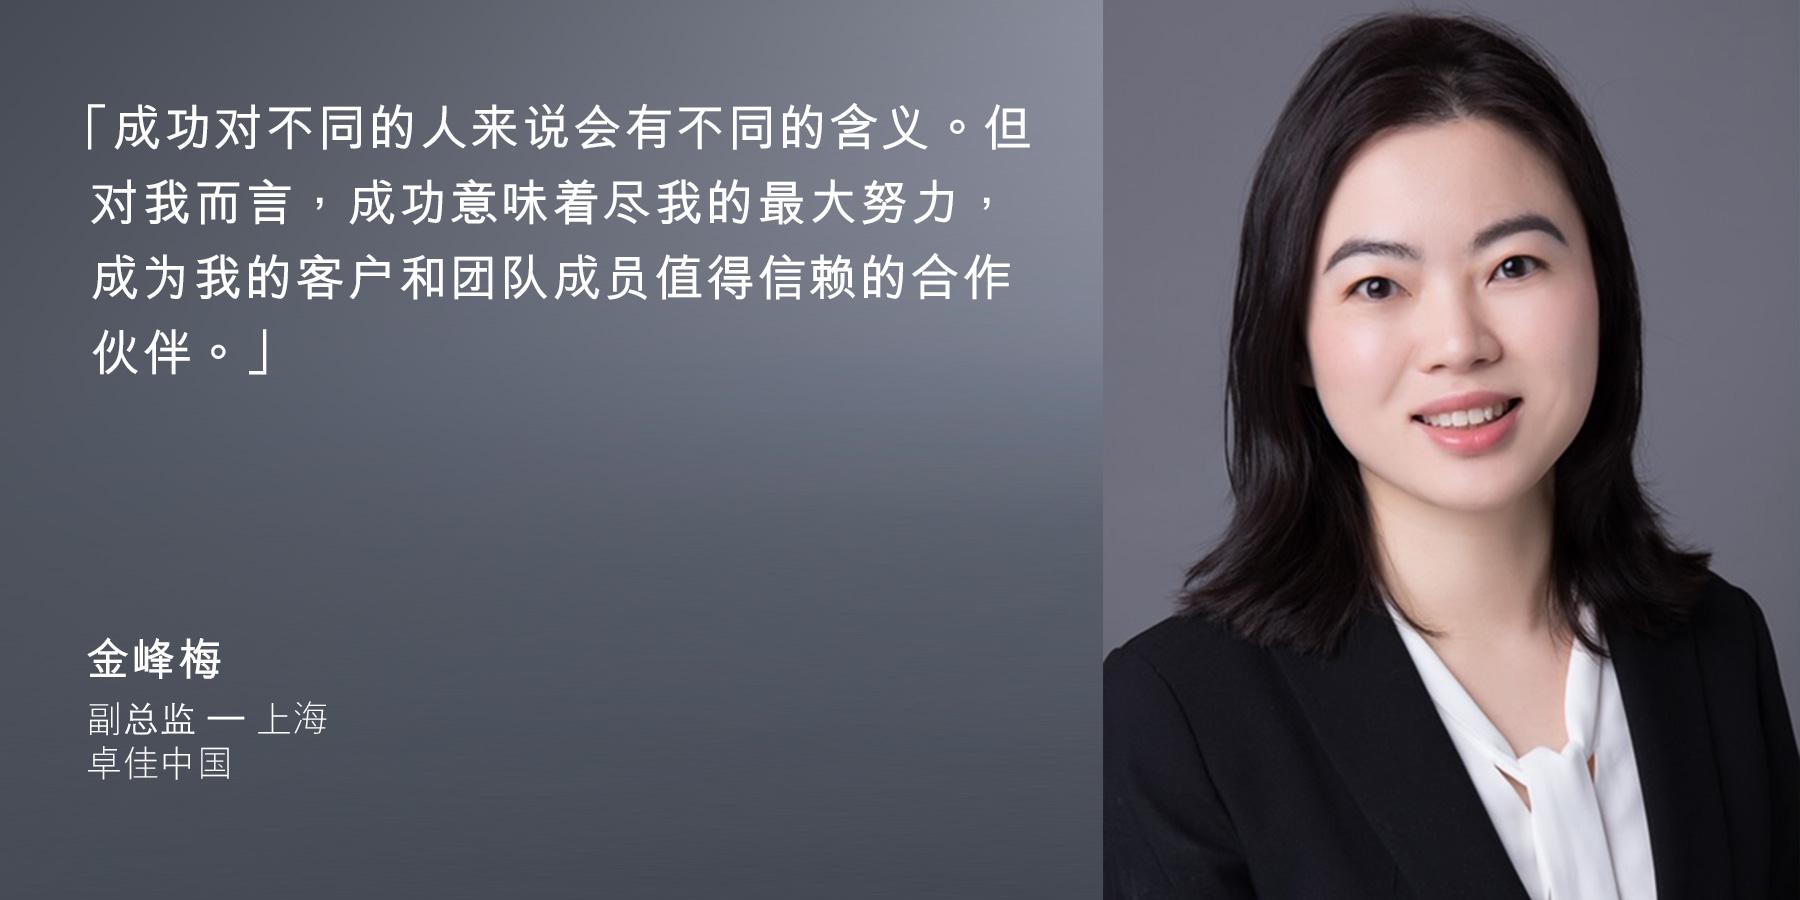 员工聚焦– 金峰梅 - 副总监- 卓佳中国